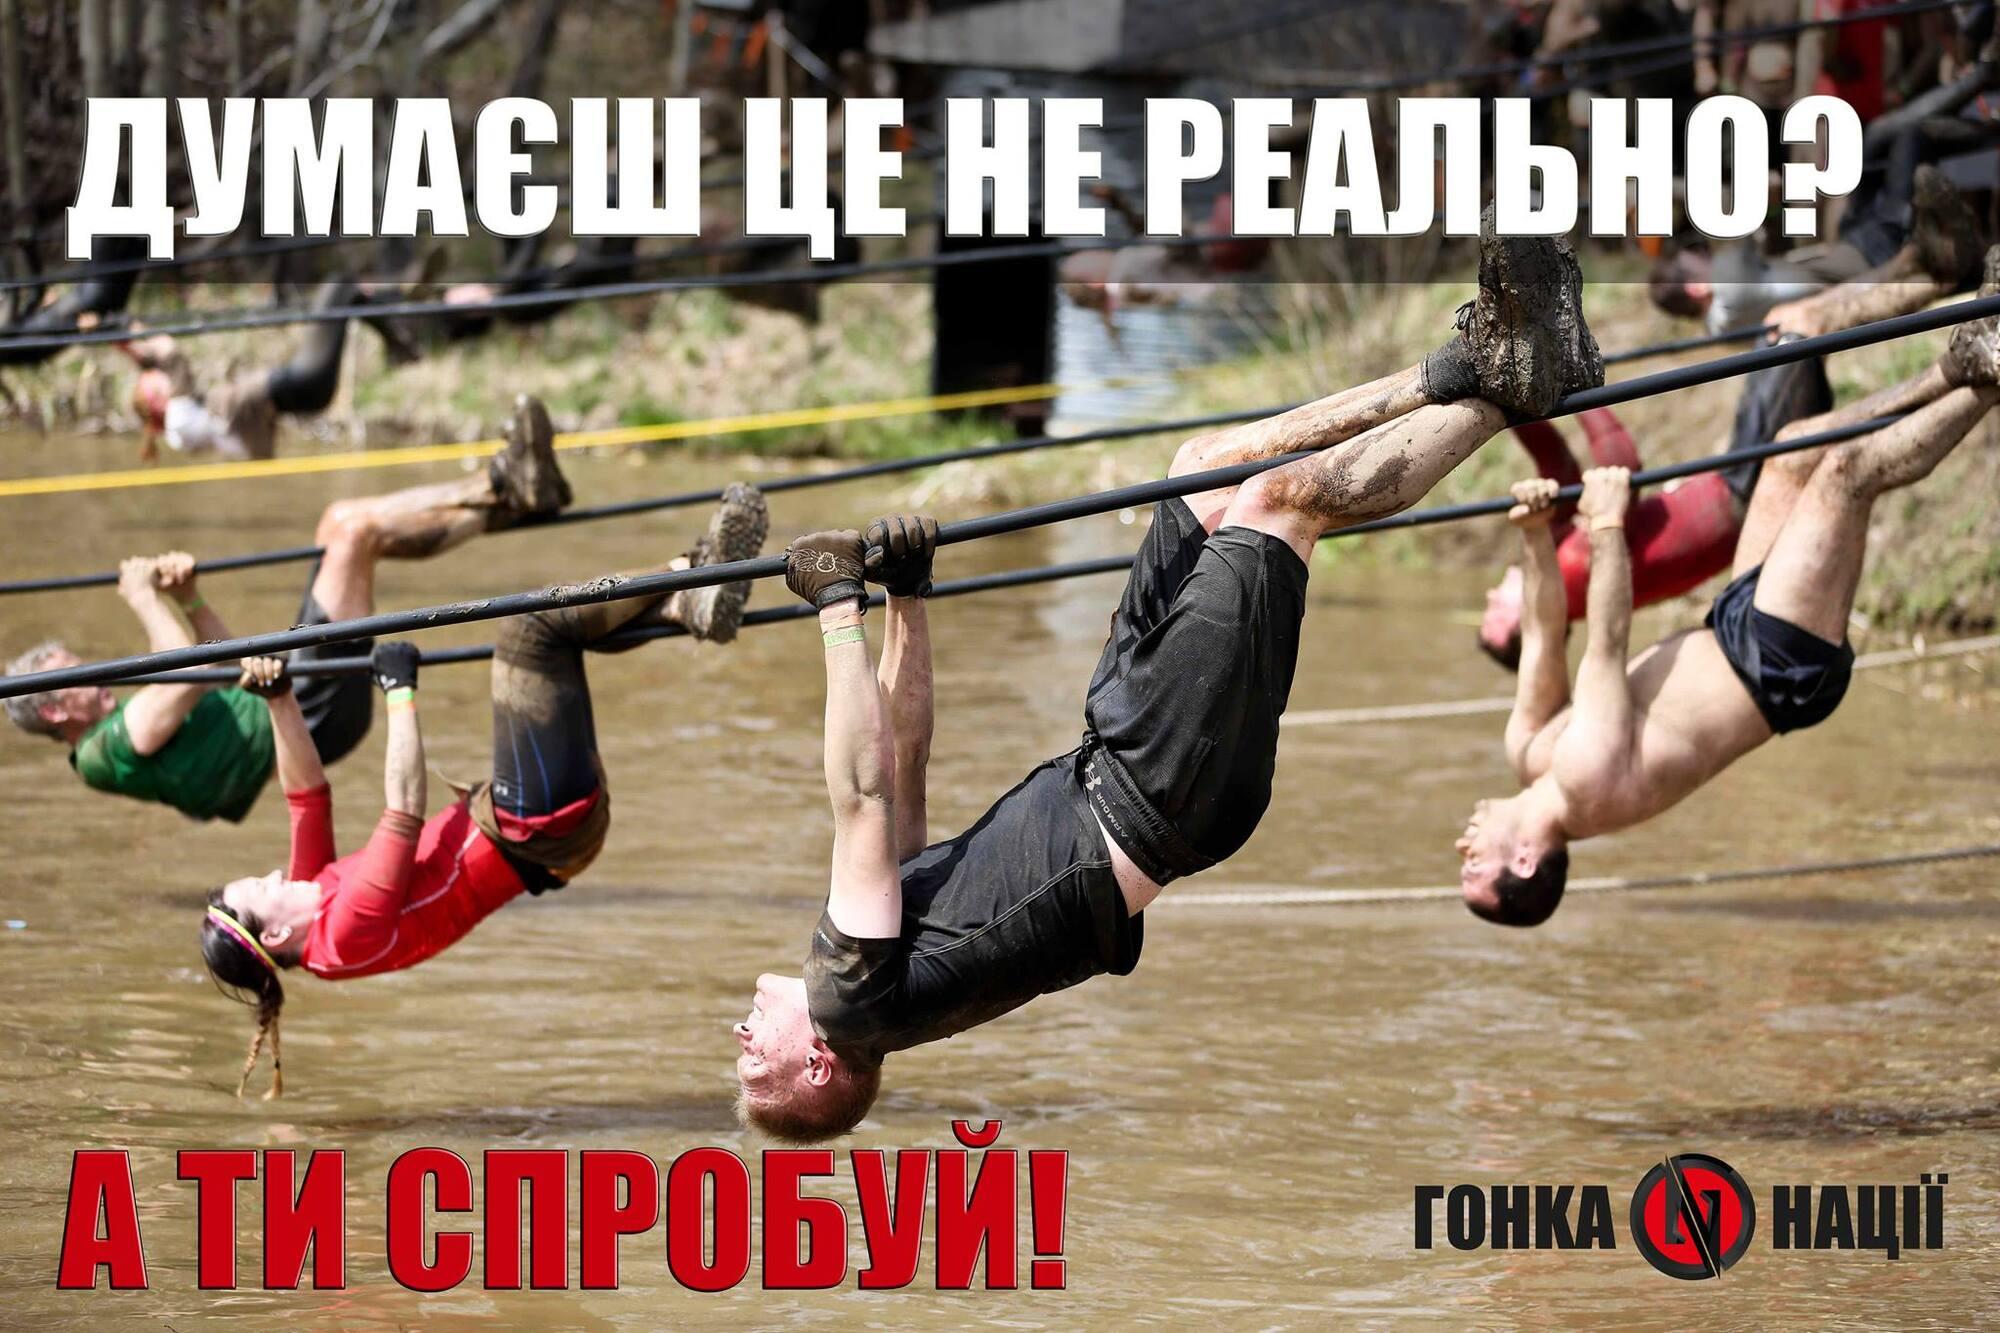 У Києві влаштують екстремальний забіг по бездоріжжю